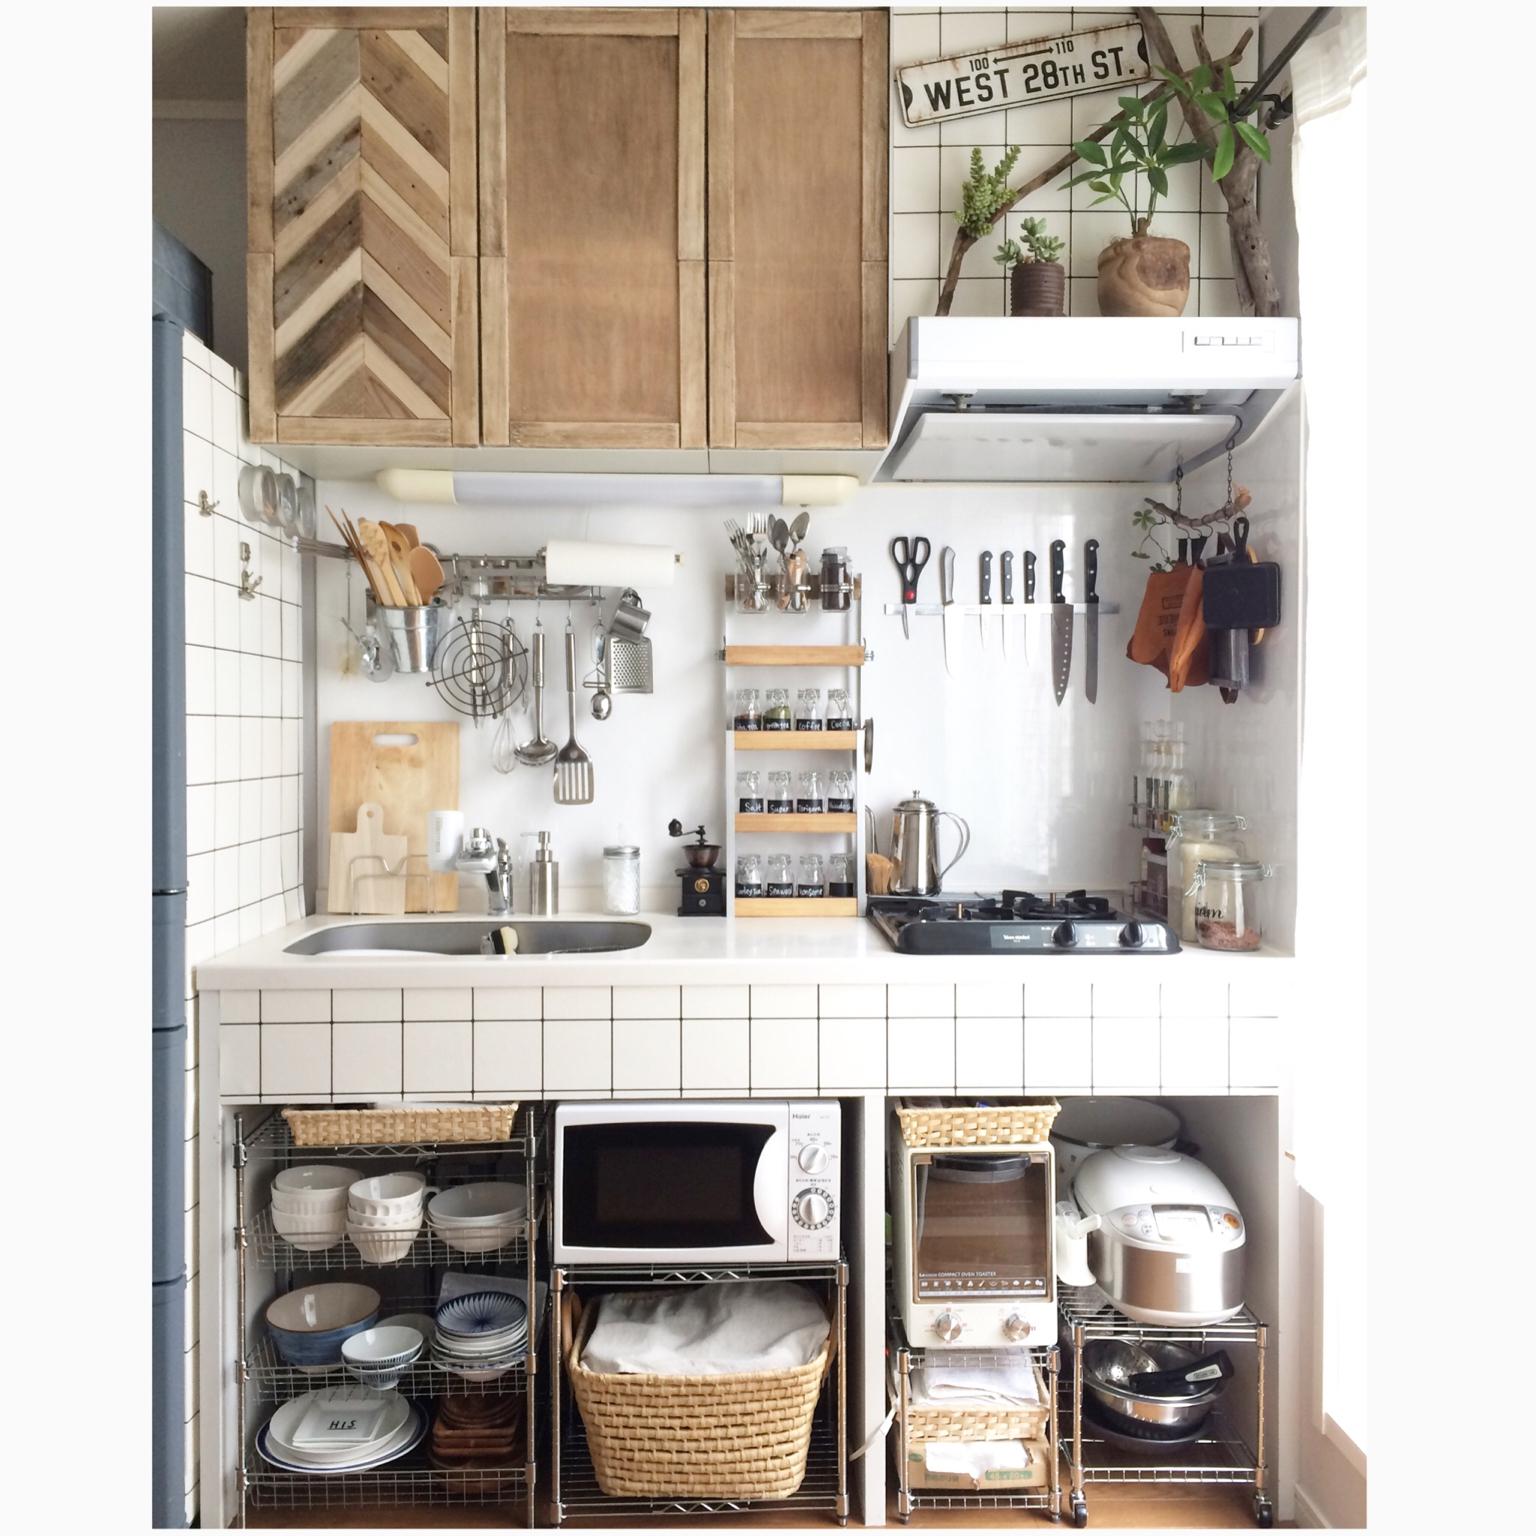 すっきり魅せる生活感♪収納ワザの光るキッチンインテリア | RoomClip mag | 暮らしとインテリアのwebマガジン